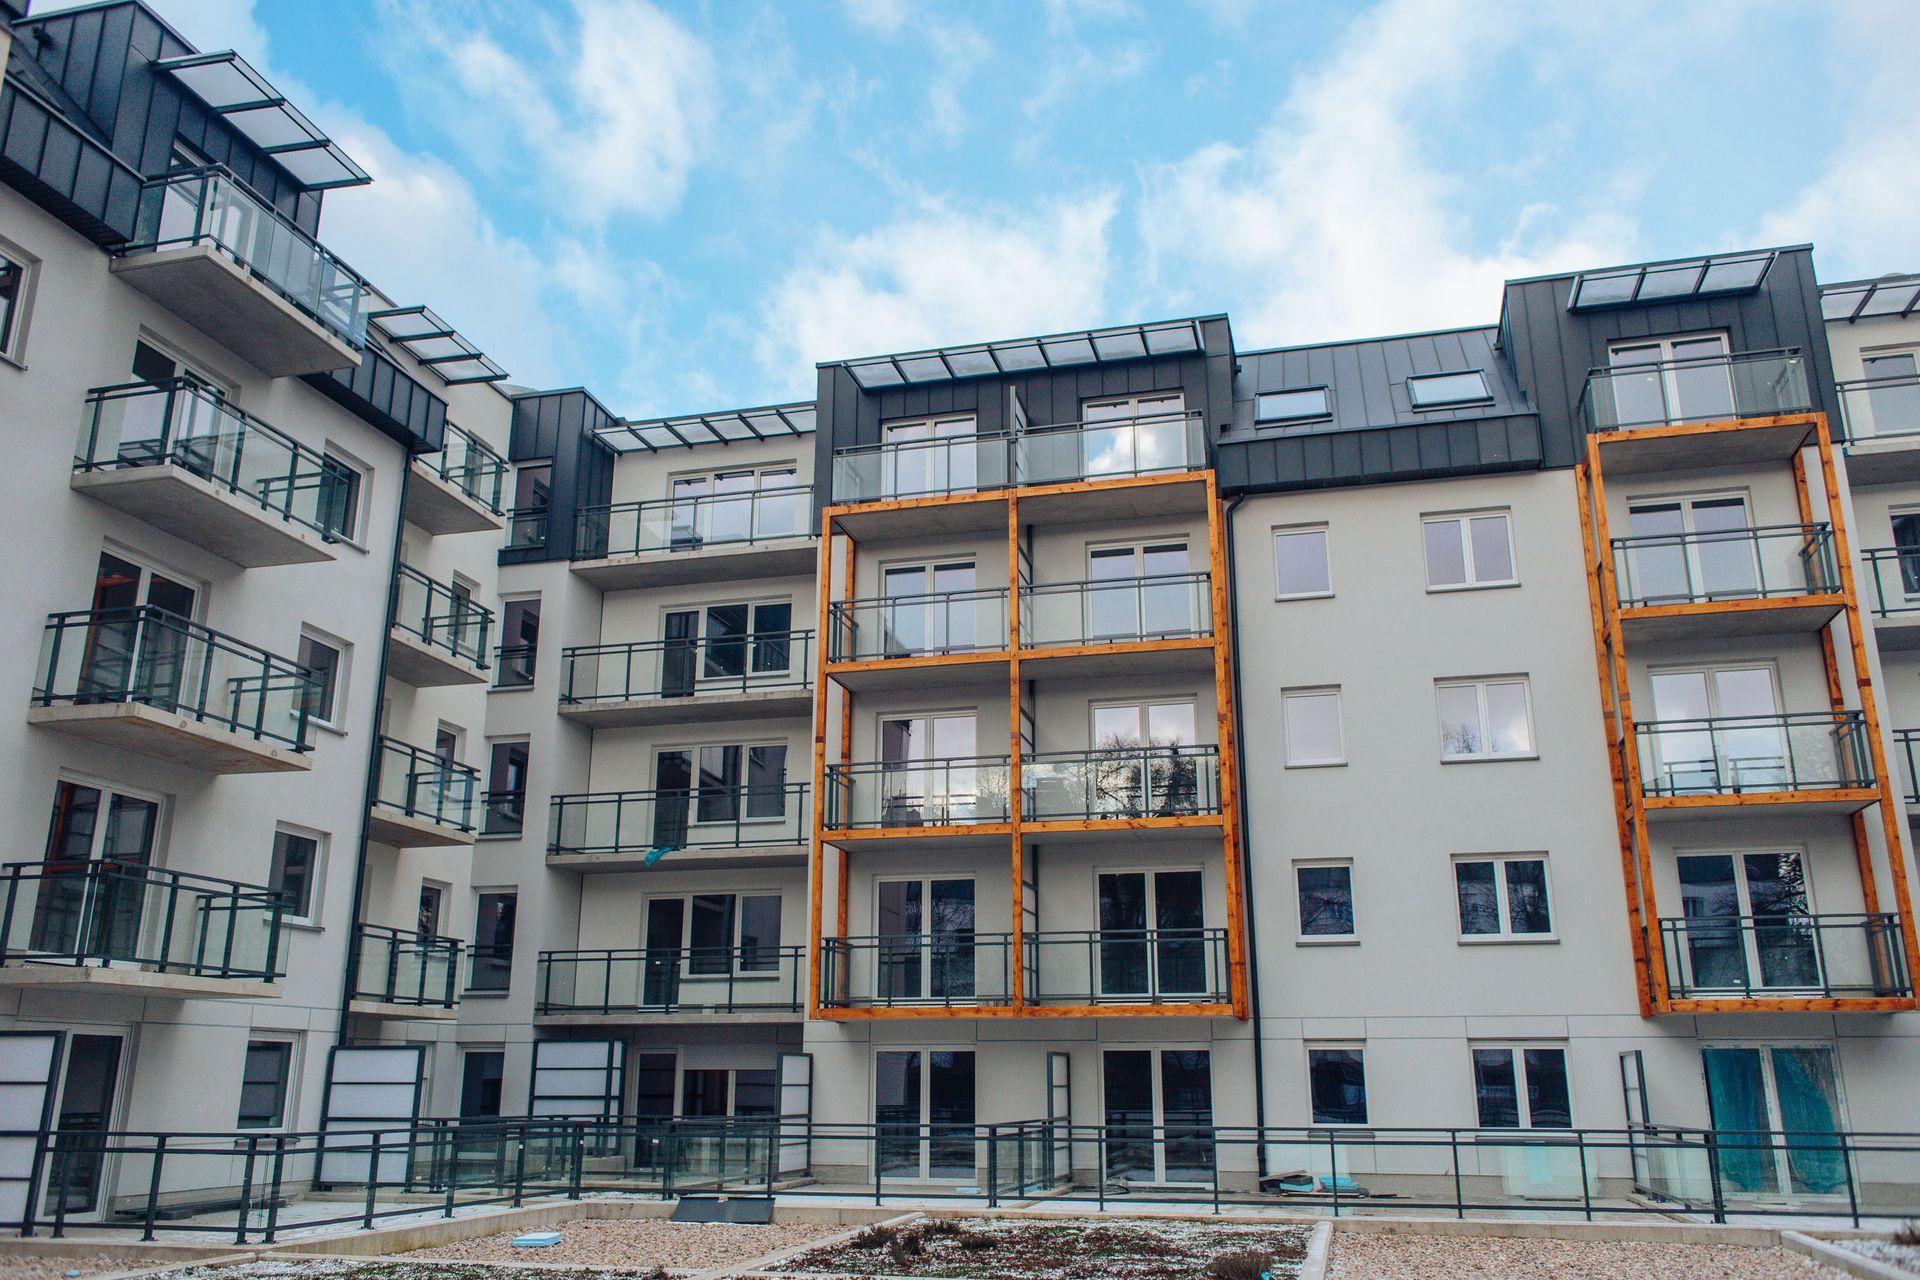 [Polska] Rekordowy wysyp mieszkań oddawanych do użytkowania przez deweloperów